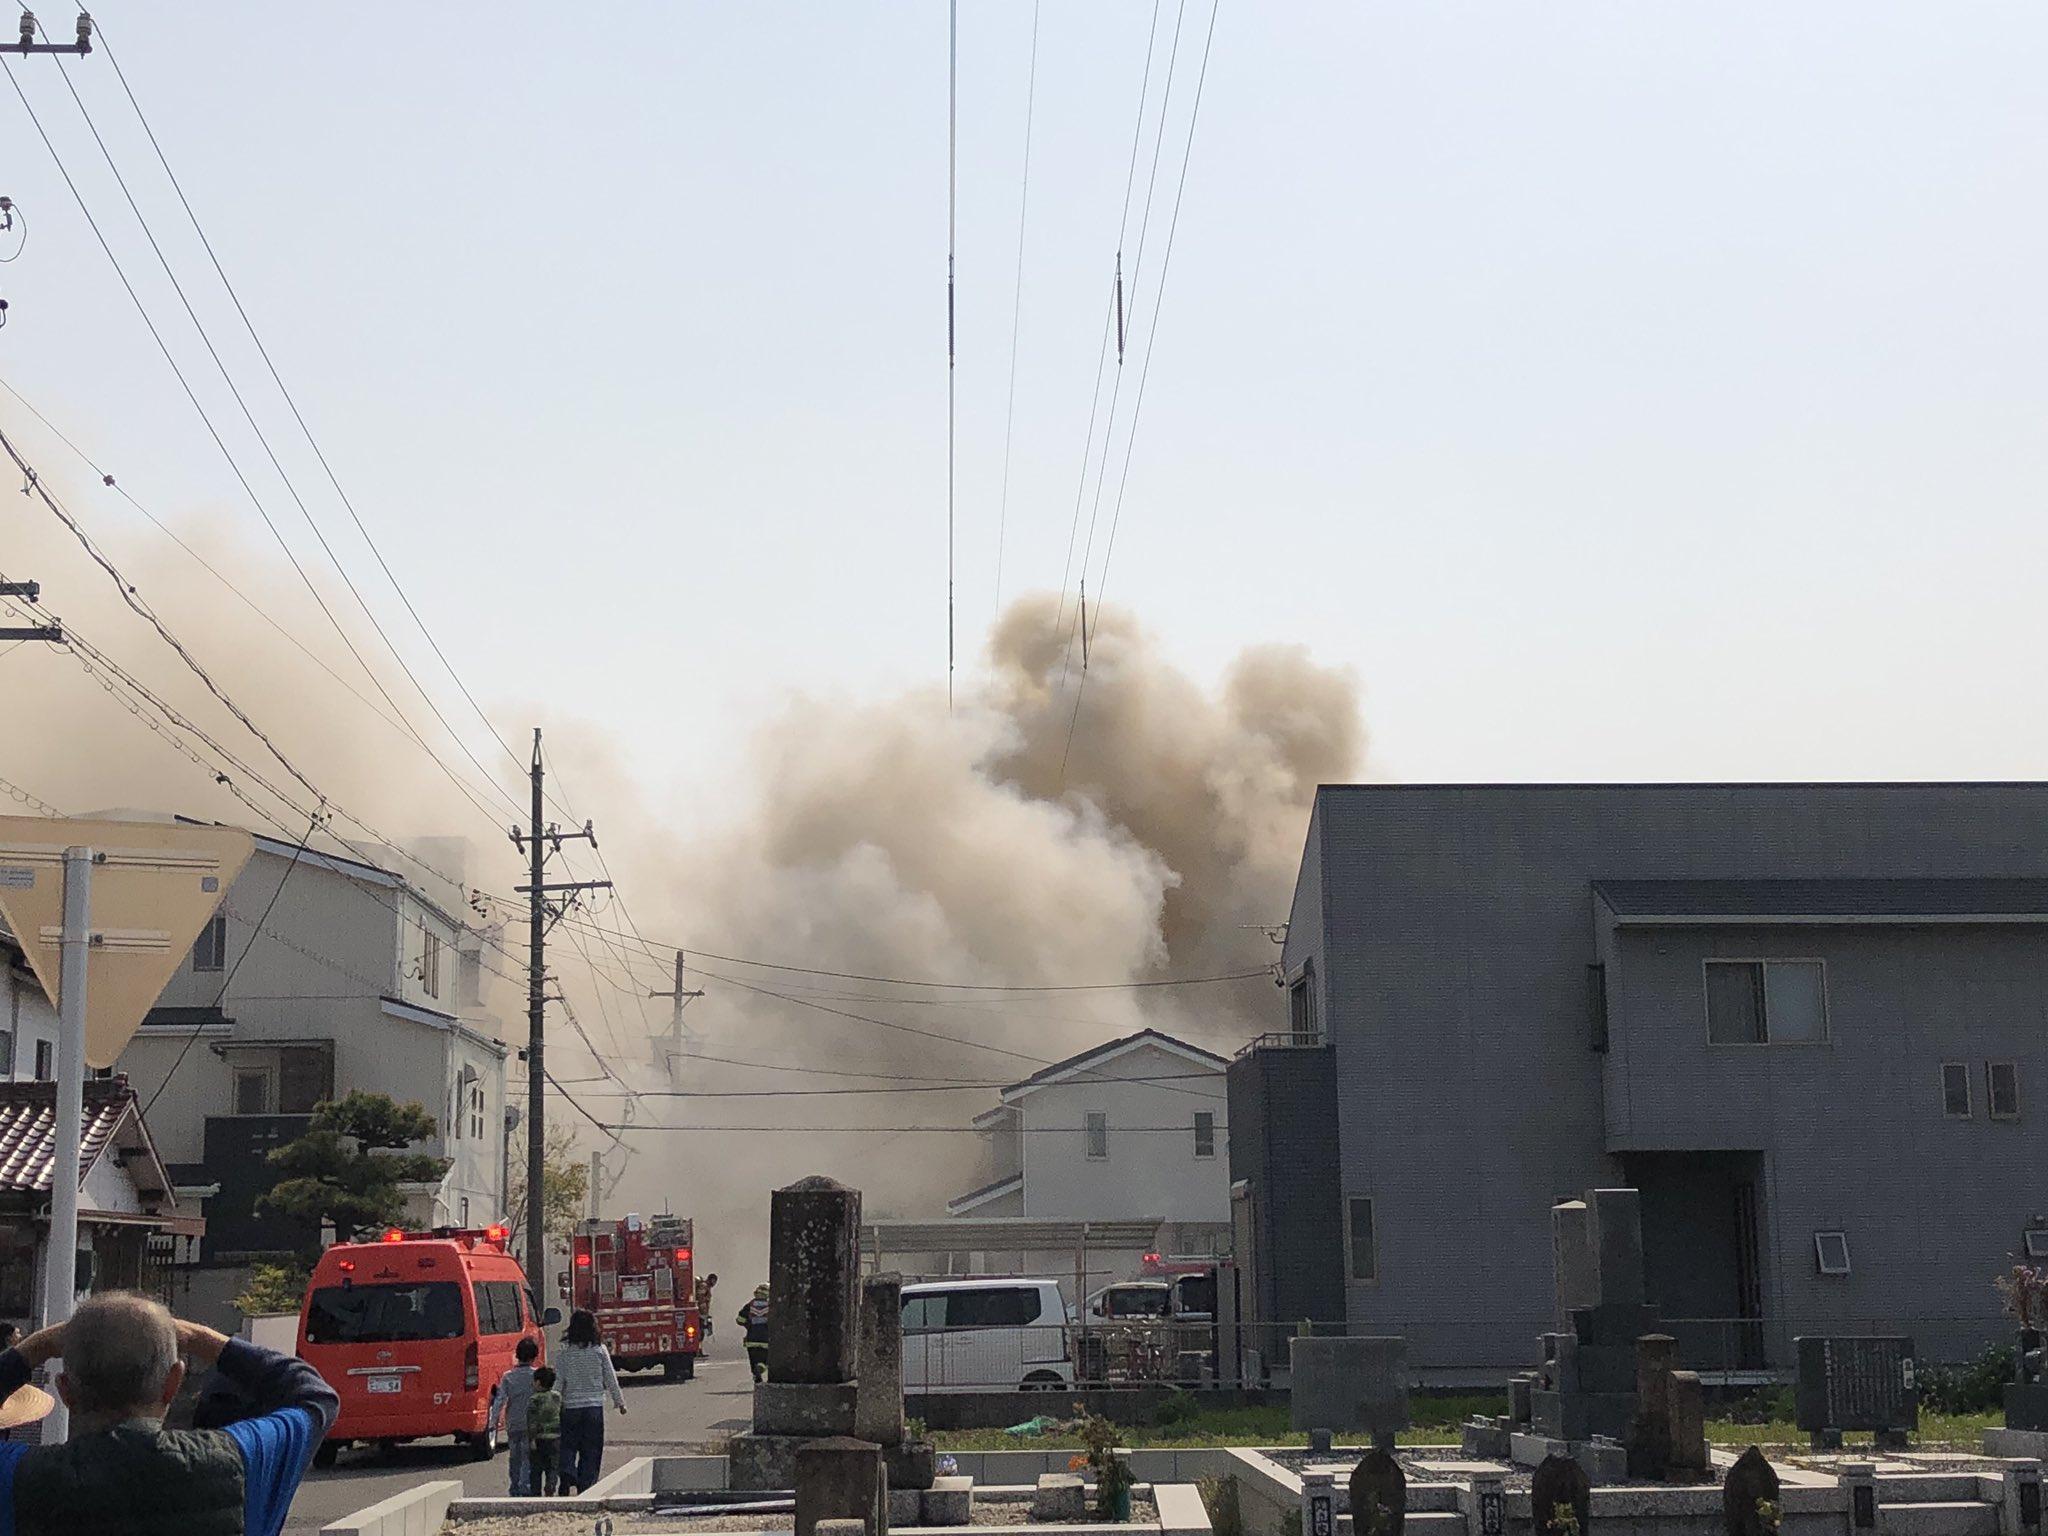 春日井市八幡町の建物で大きな火事が起きている現場の画像